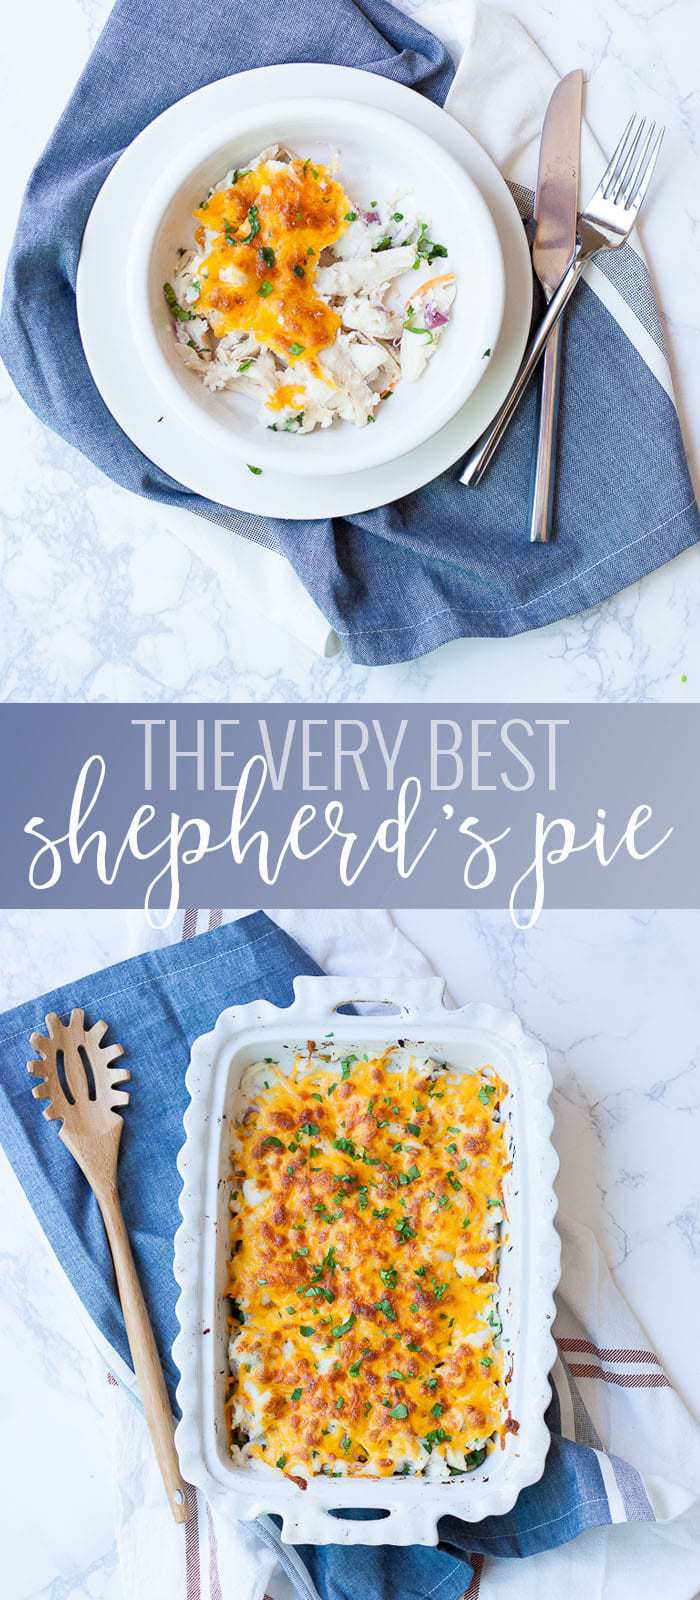 Healthy Shepherd's Pie | easy shepherd's pie recipe | beef shepherd's pie recipe | turkey shepherd's pie || Oh So Delicioso #shepherdspie #healthyshepherdspie #healthydinner